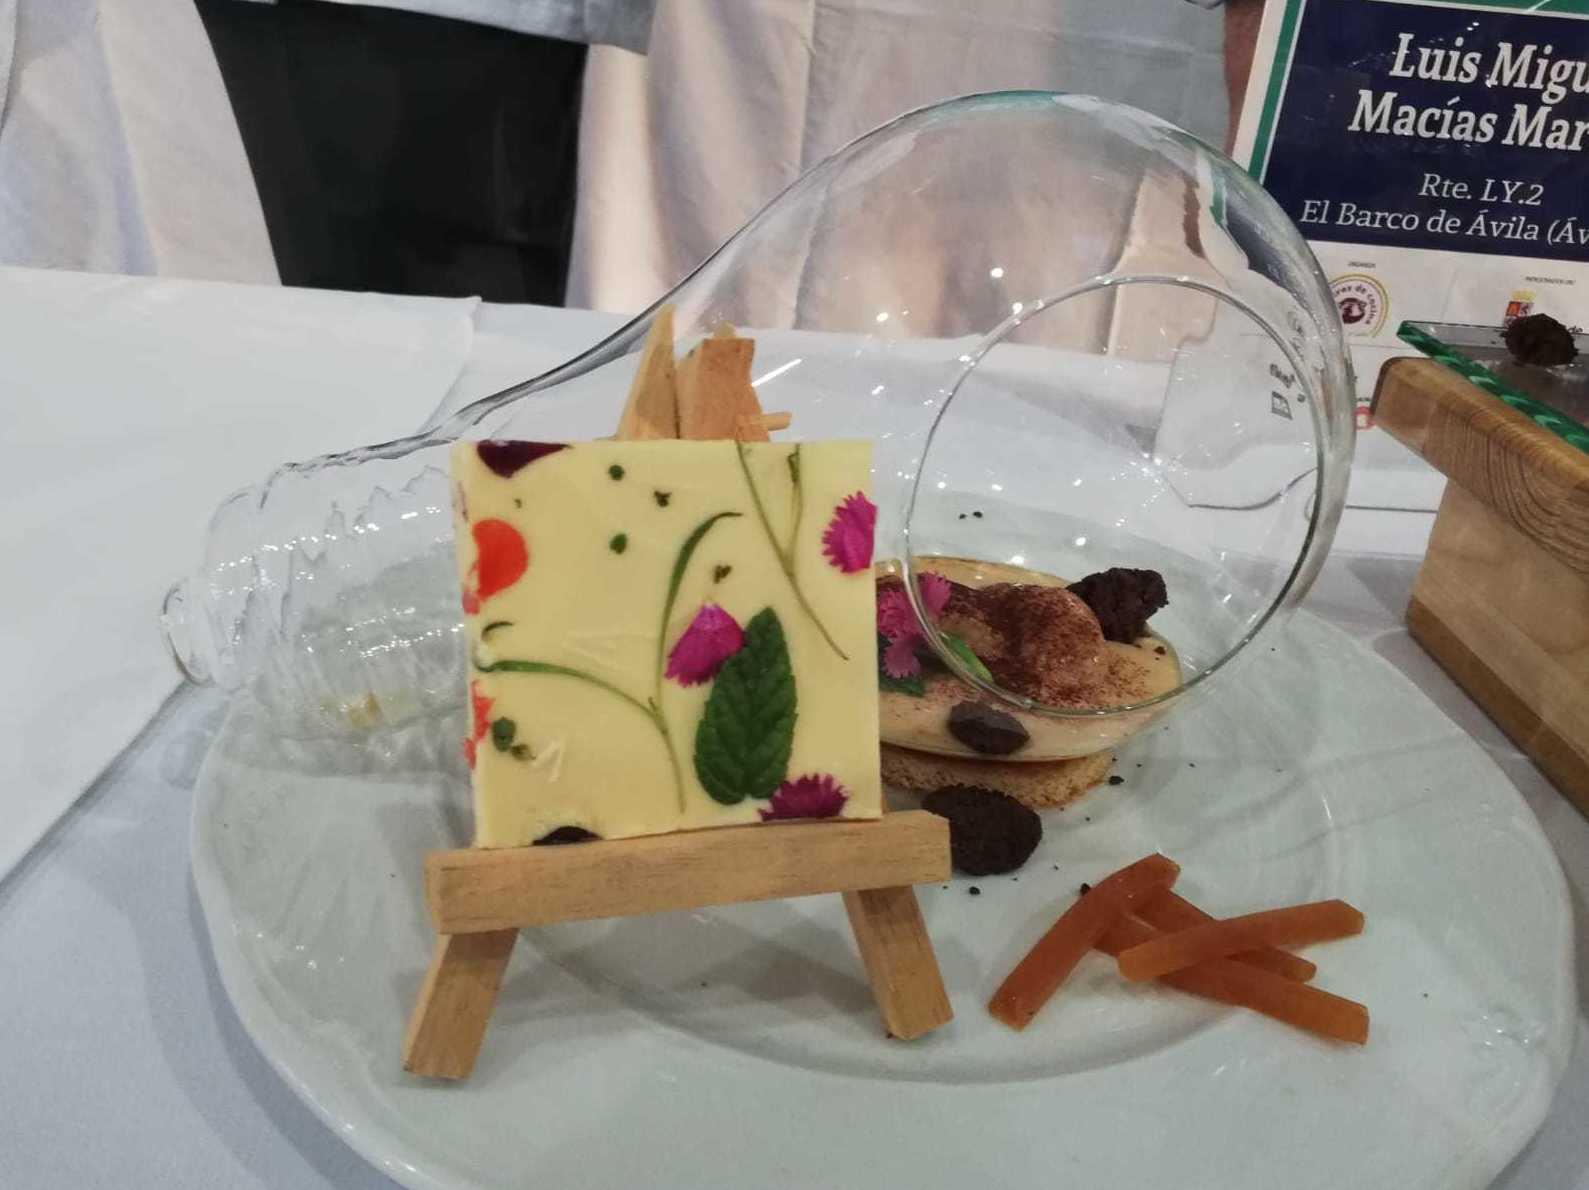 Foto 7 de Cocina creativa en  | Ly. 2